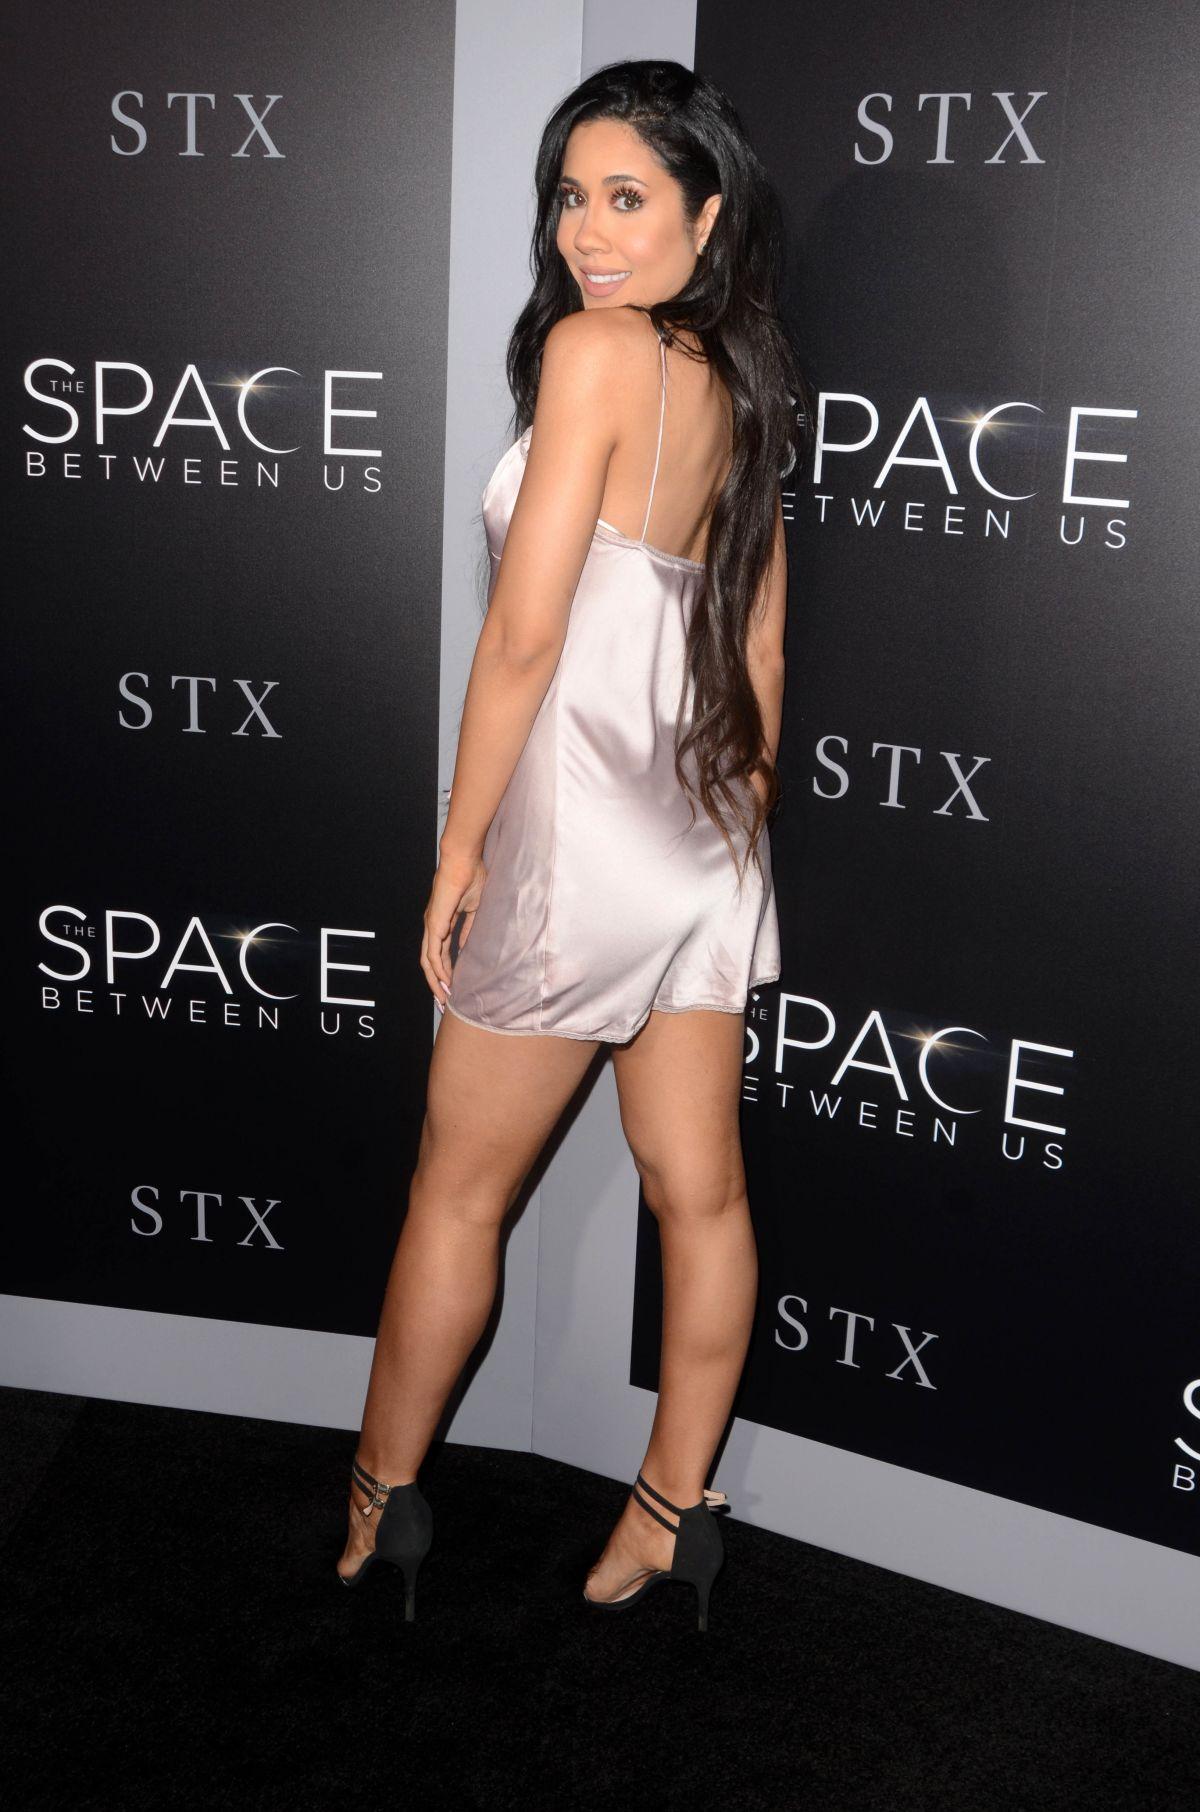 LEXI NOEL at 'The Space Between Us' Premiere in Los Angeles 01/17/2017